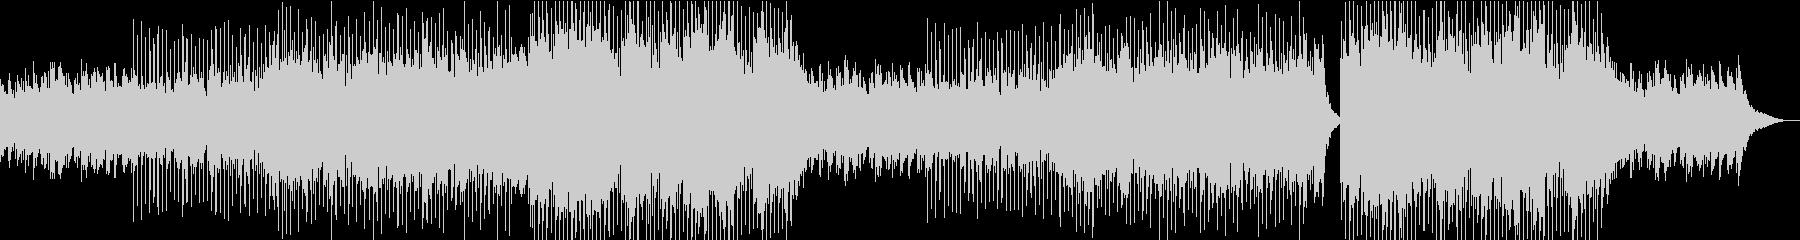 透明感のあるコーラスとピアノの日常BGMの未再生の波形